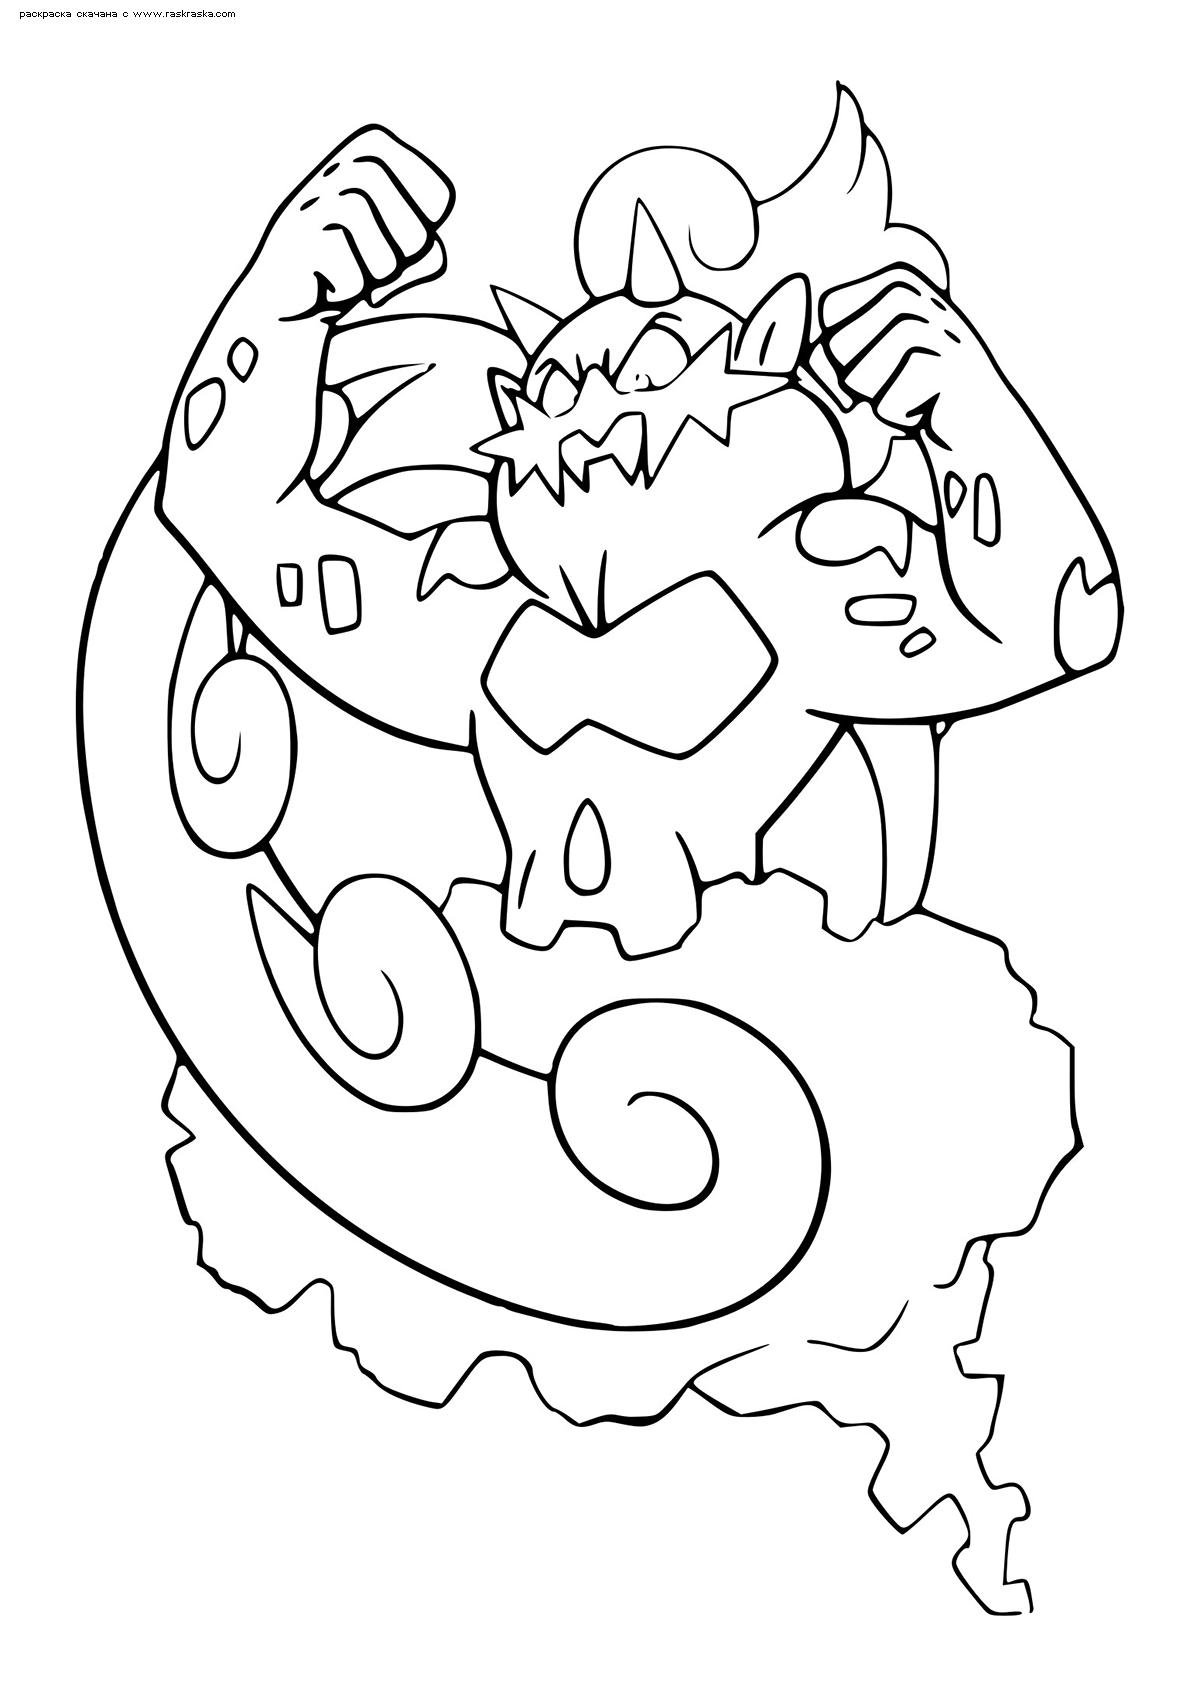 Раскраска Легендарный покемон Торнадус (Tornadus). Раскраска Покемон